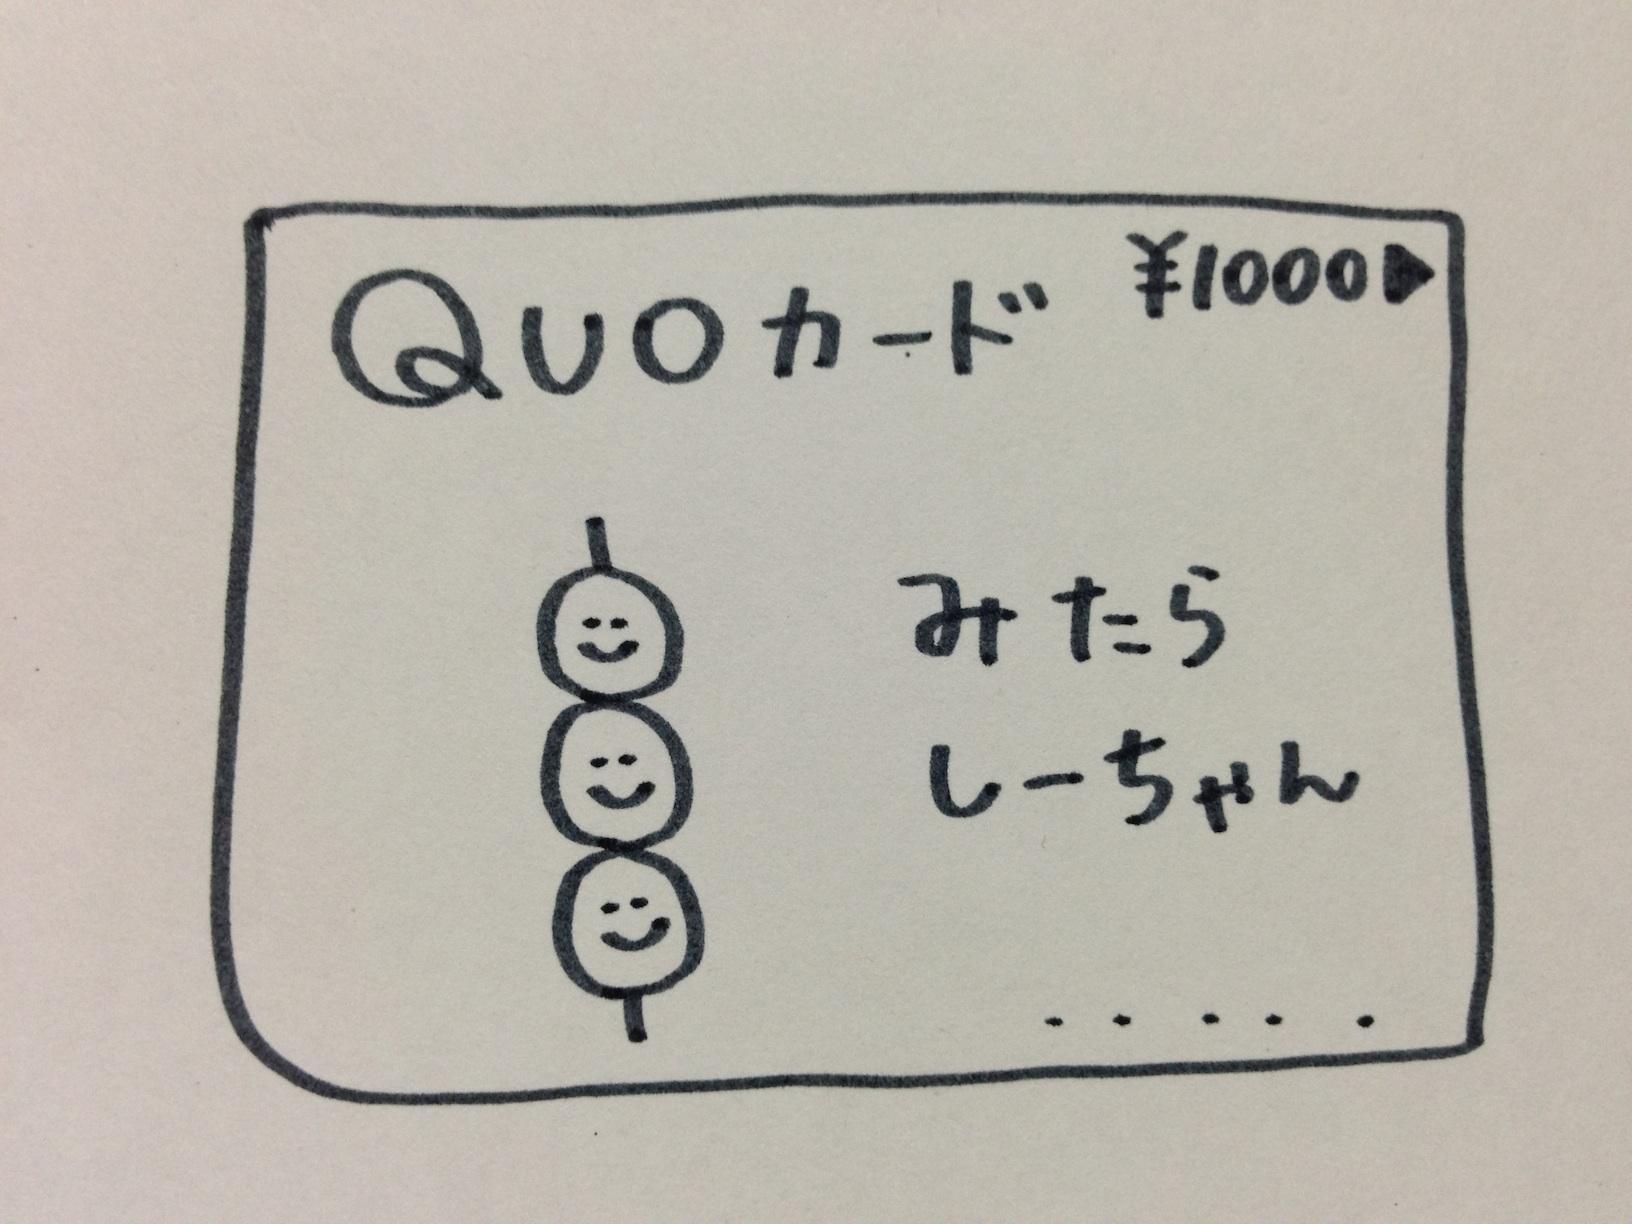 みたらしーちゃんのQuoカード